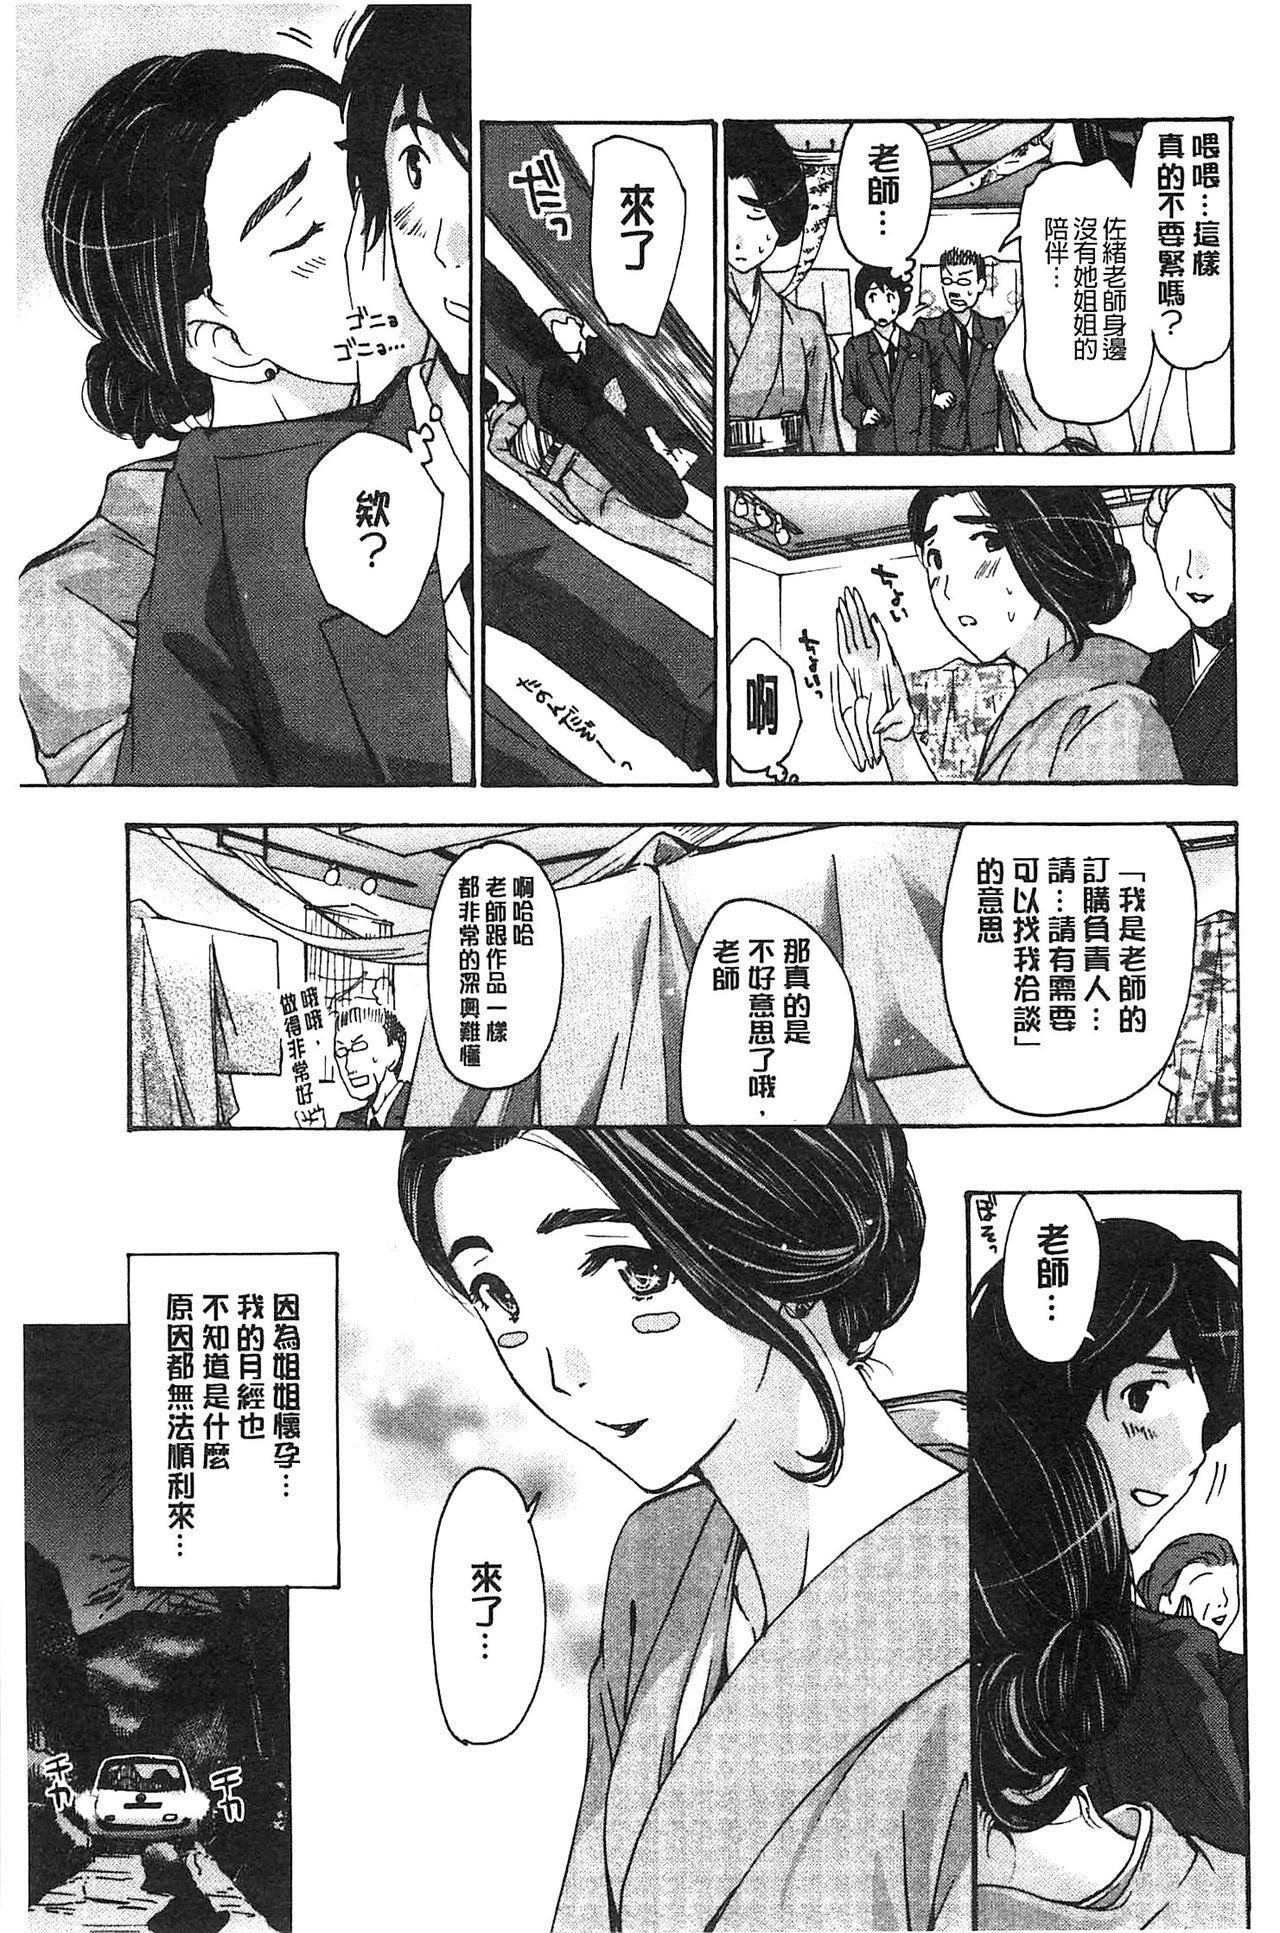 Watashito Iikoto Shiyo? 125